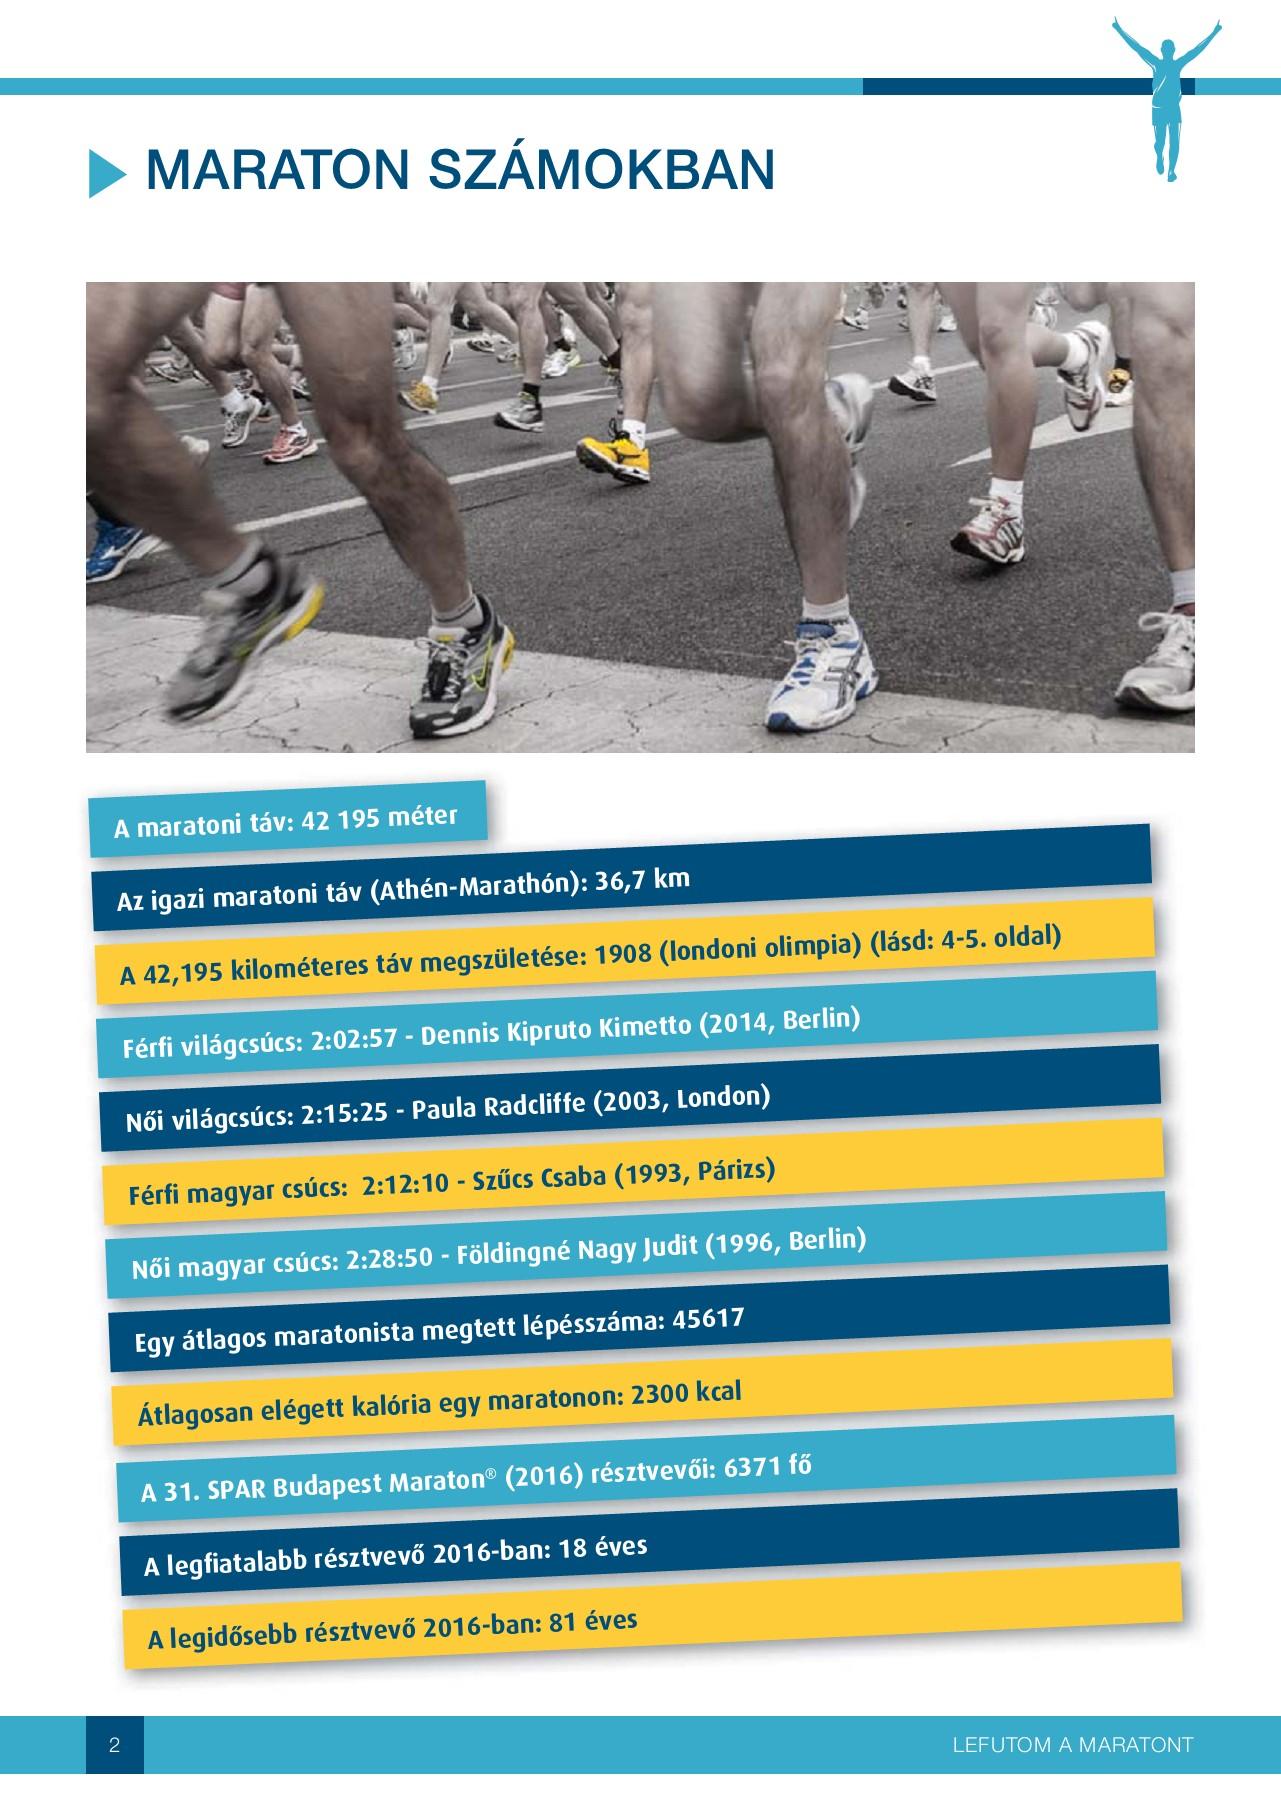 maratoni magas vérnyomás vese magas vérnyomás esetén alkalmazott gyógyszerek